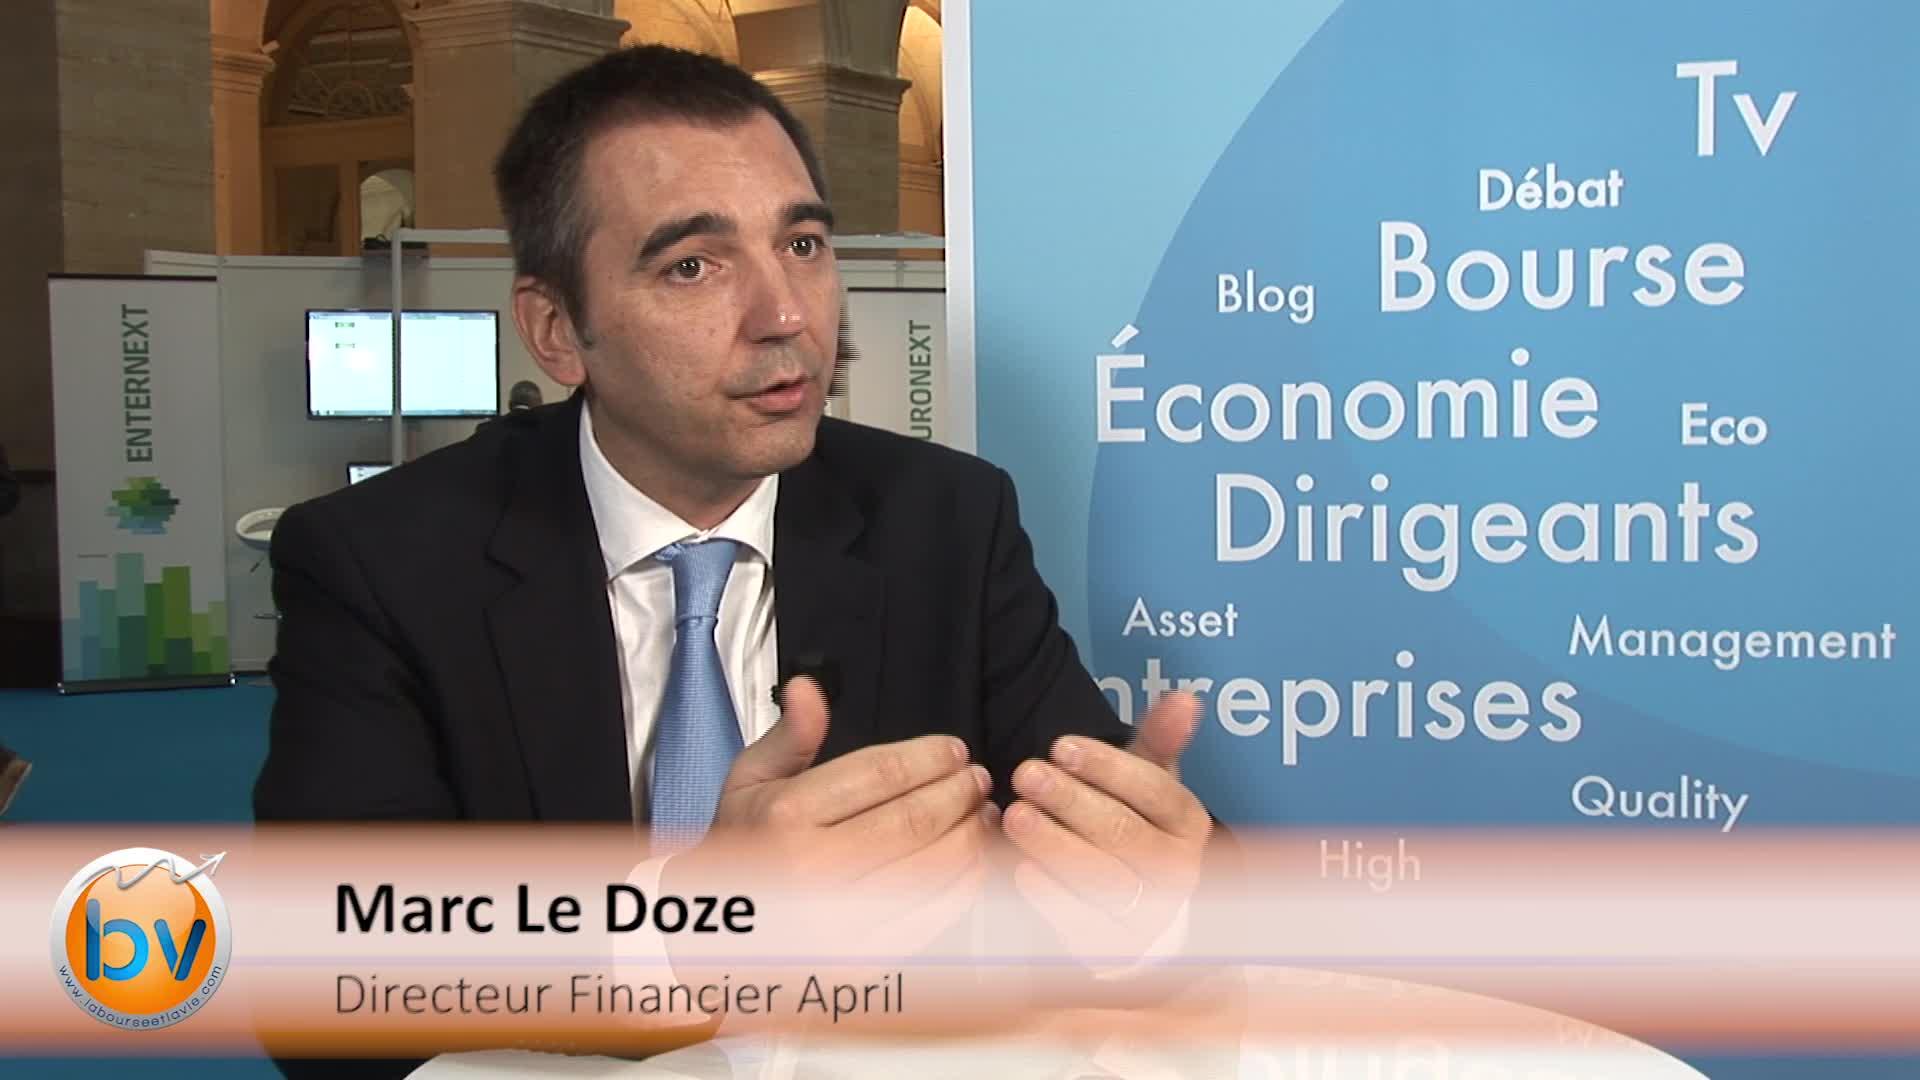 """Marc Le Doze Directeur Financier April : """"Nous allons proposer à des assureurs et banques nos produits et services"""""""